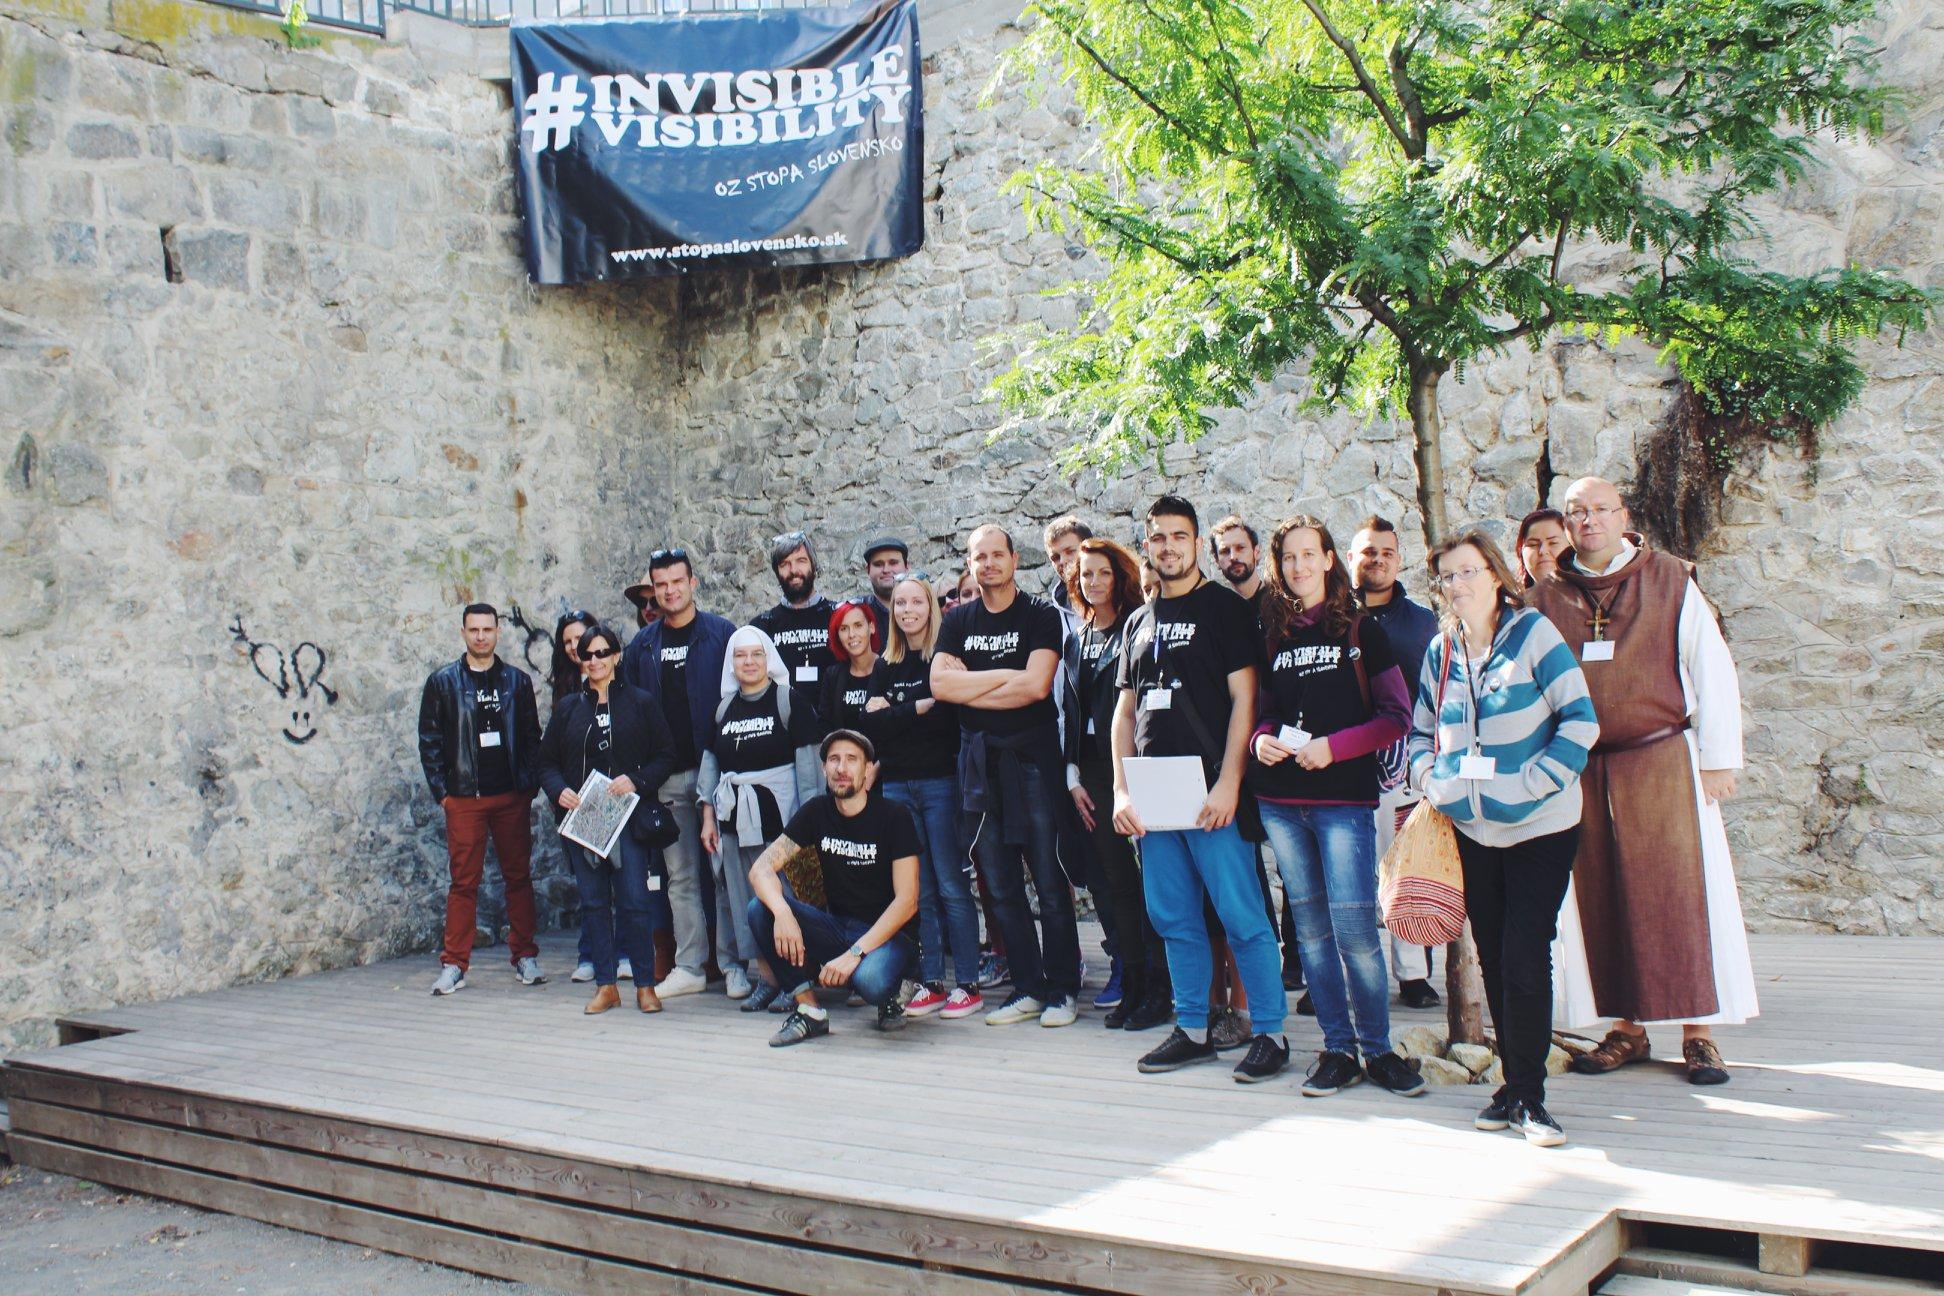 Dobrovoľníci pred začatím Plošného monitoringu v Starom meste 2019